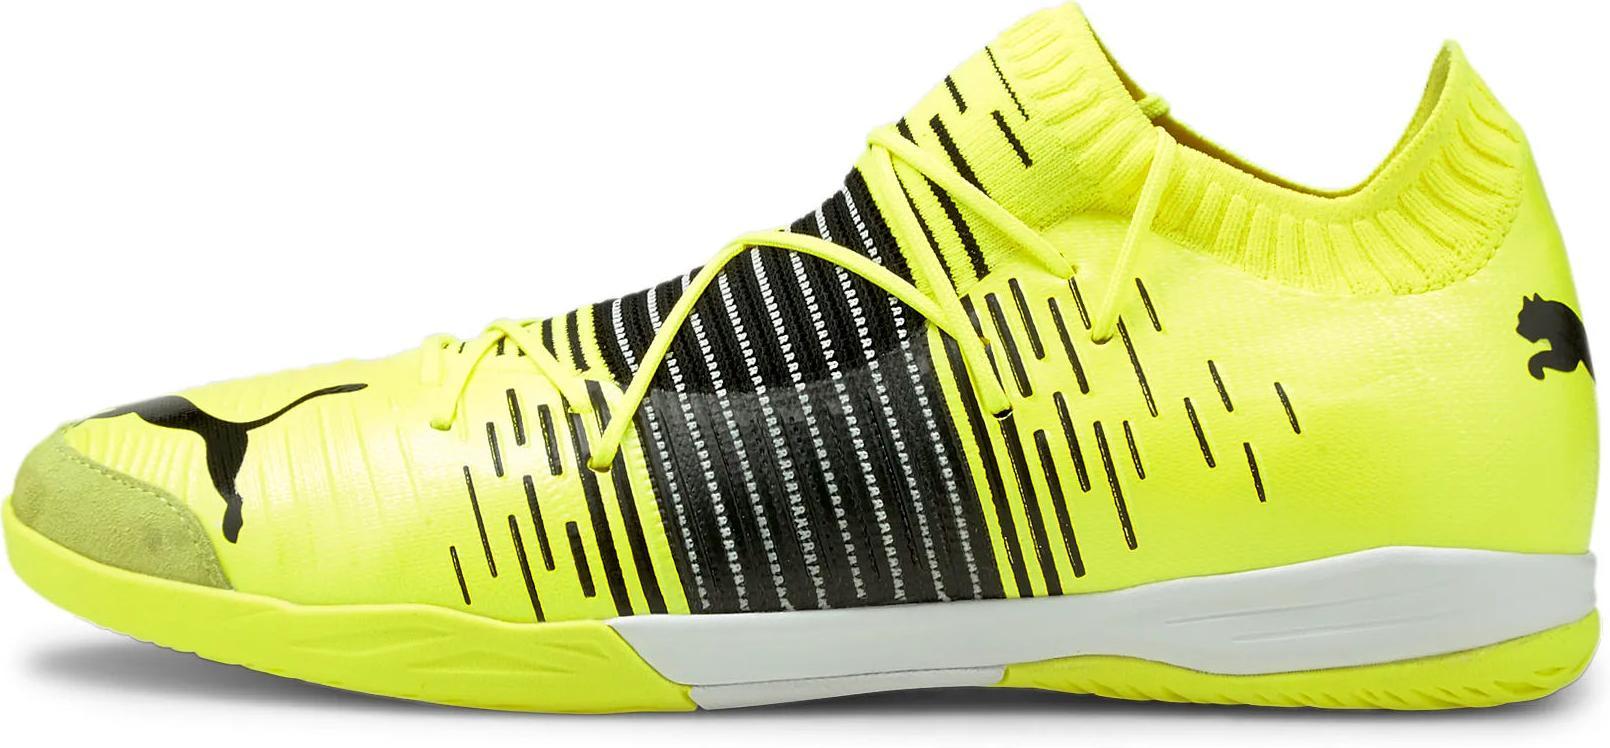 Sálovky Puma FUTURE Z 1.1 Pro Court žlutá